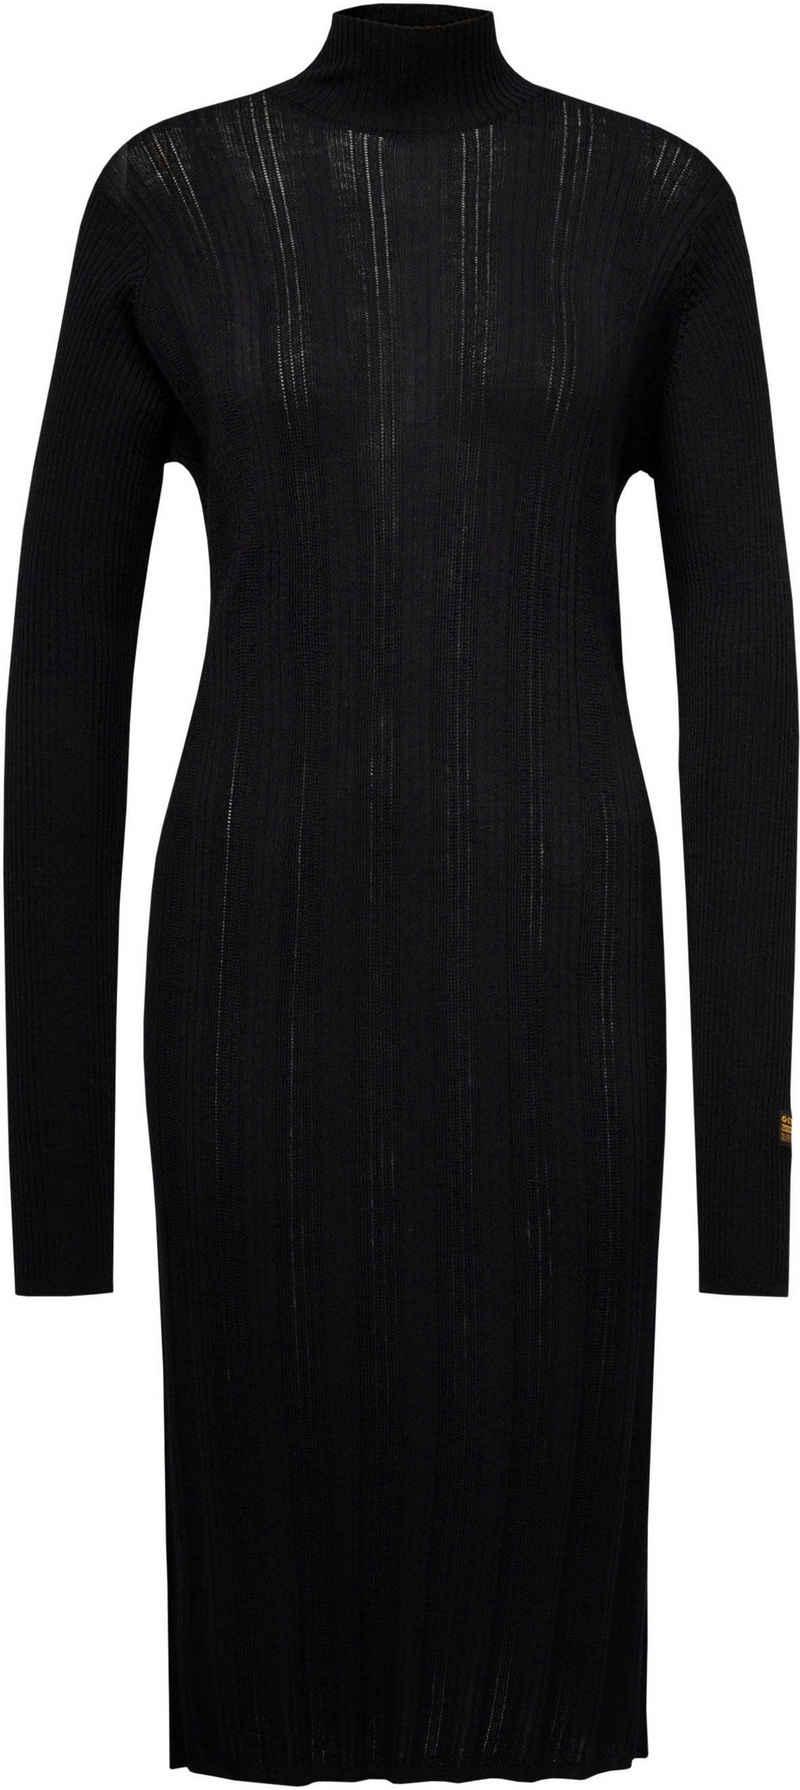 G-Star RAW Strickkleid »Rib Mock Knitted Kleid« in schmaler Passform für eine tolle Silhouette